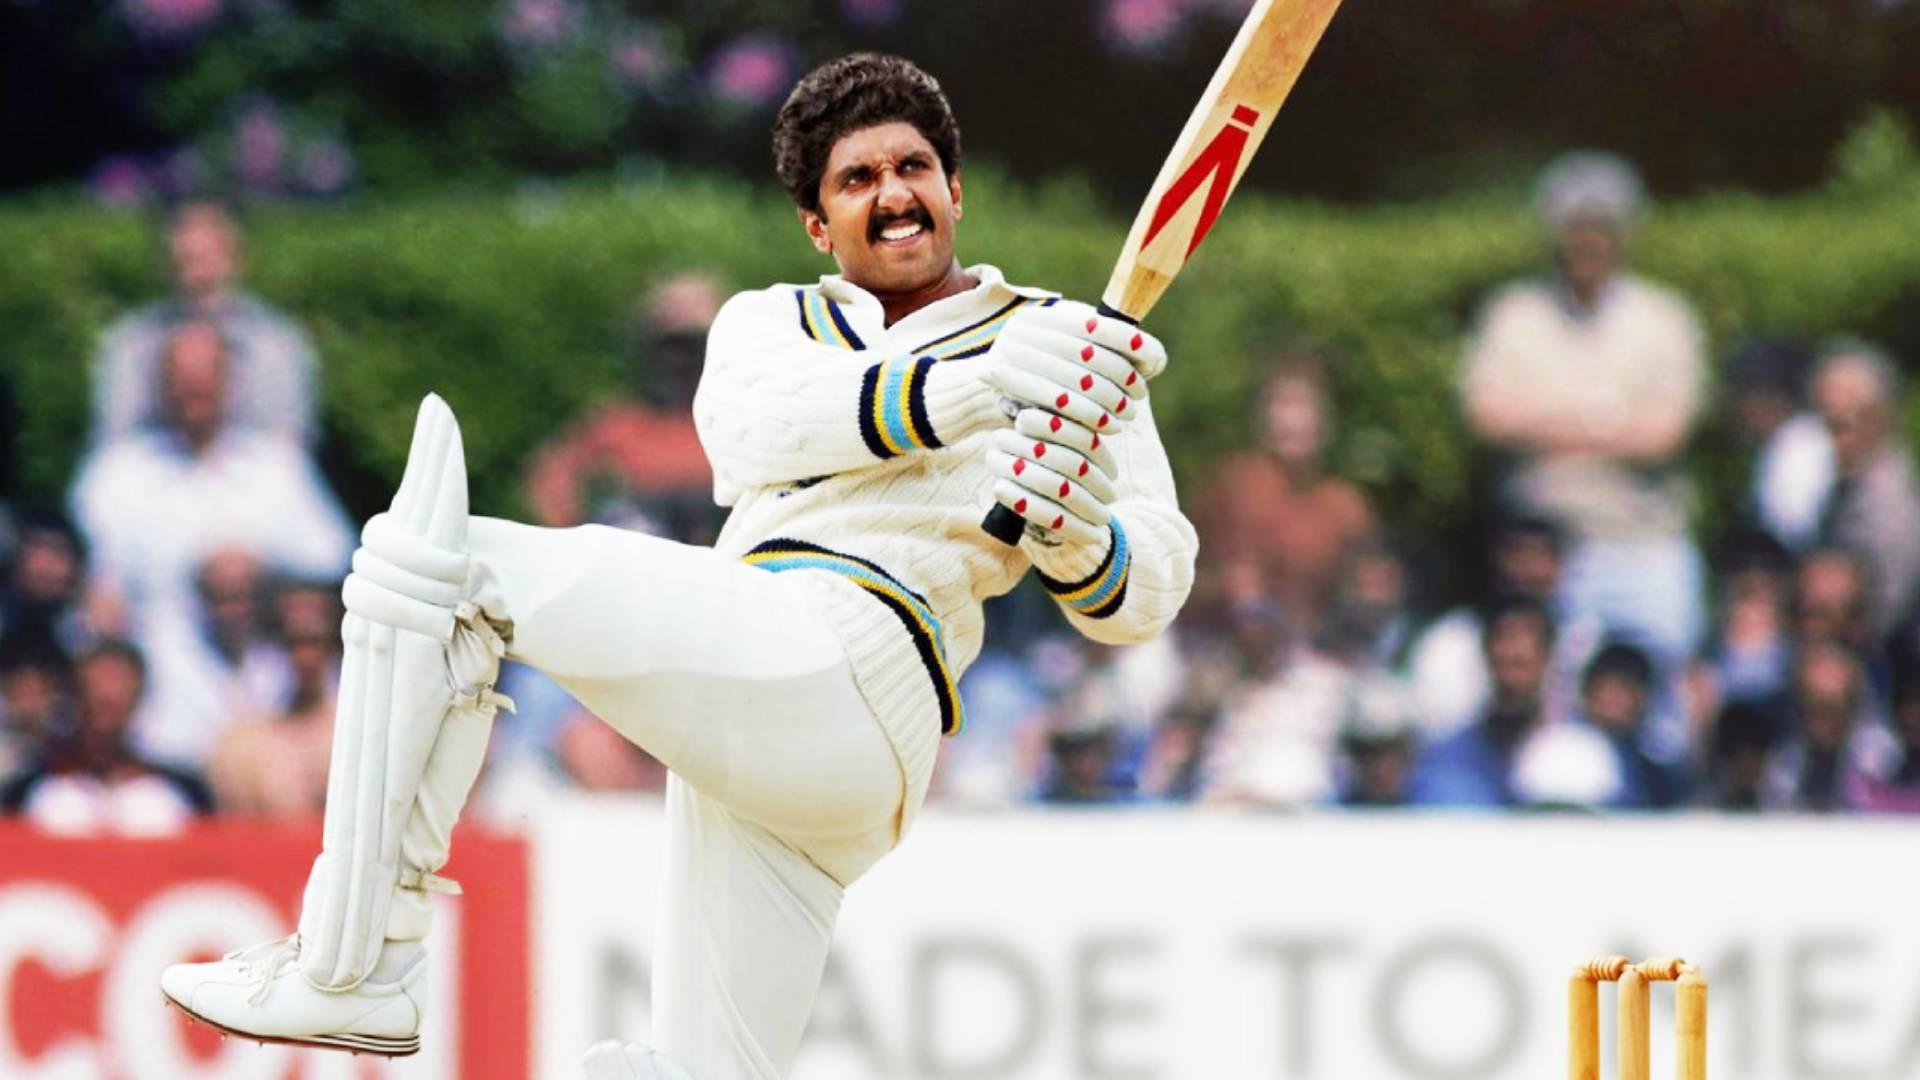 Film 83: रणवीर सिंह ने दोहराया कपिल देव का मशहूर 'नटराज' शॉट, इस देश के खिलाफ क्रिकेटर ने बनाए थे कई रिकॉर्ड